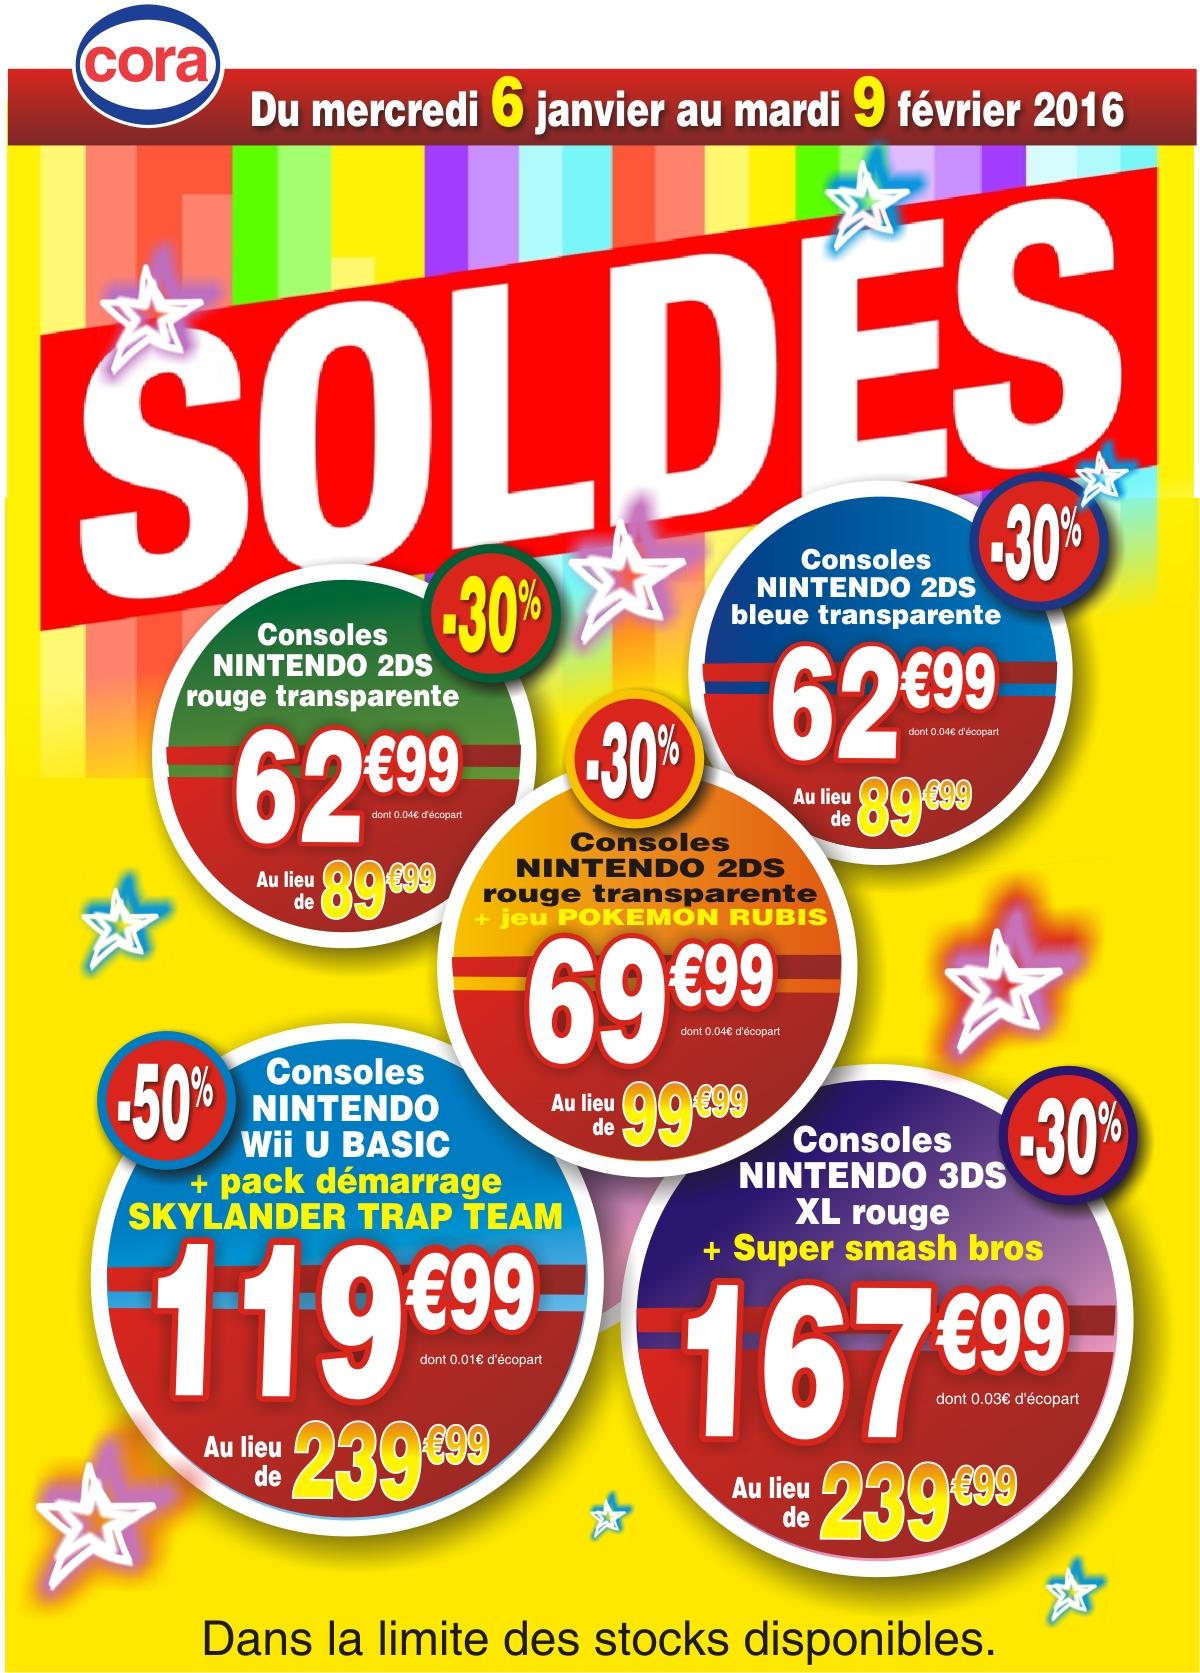 [BONNES AFFAIRES] Hypermarchés (Auchan, Carrefour...) - Page 31 160104123208893461